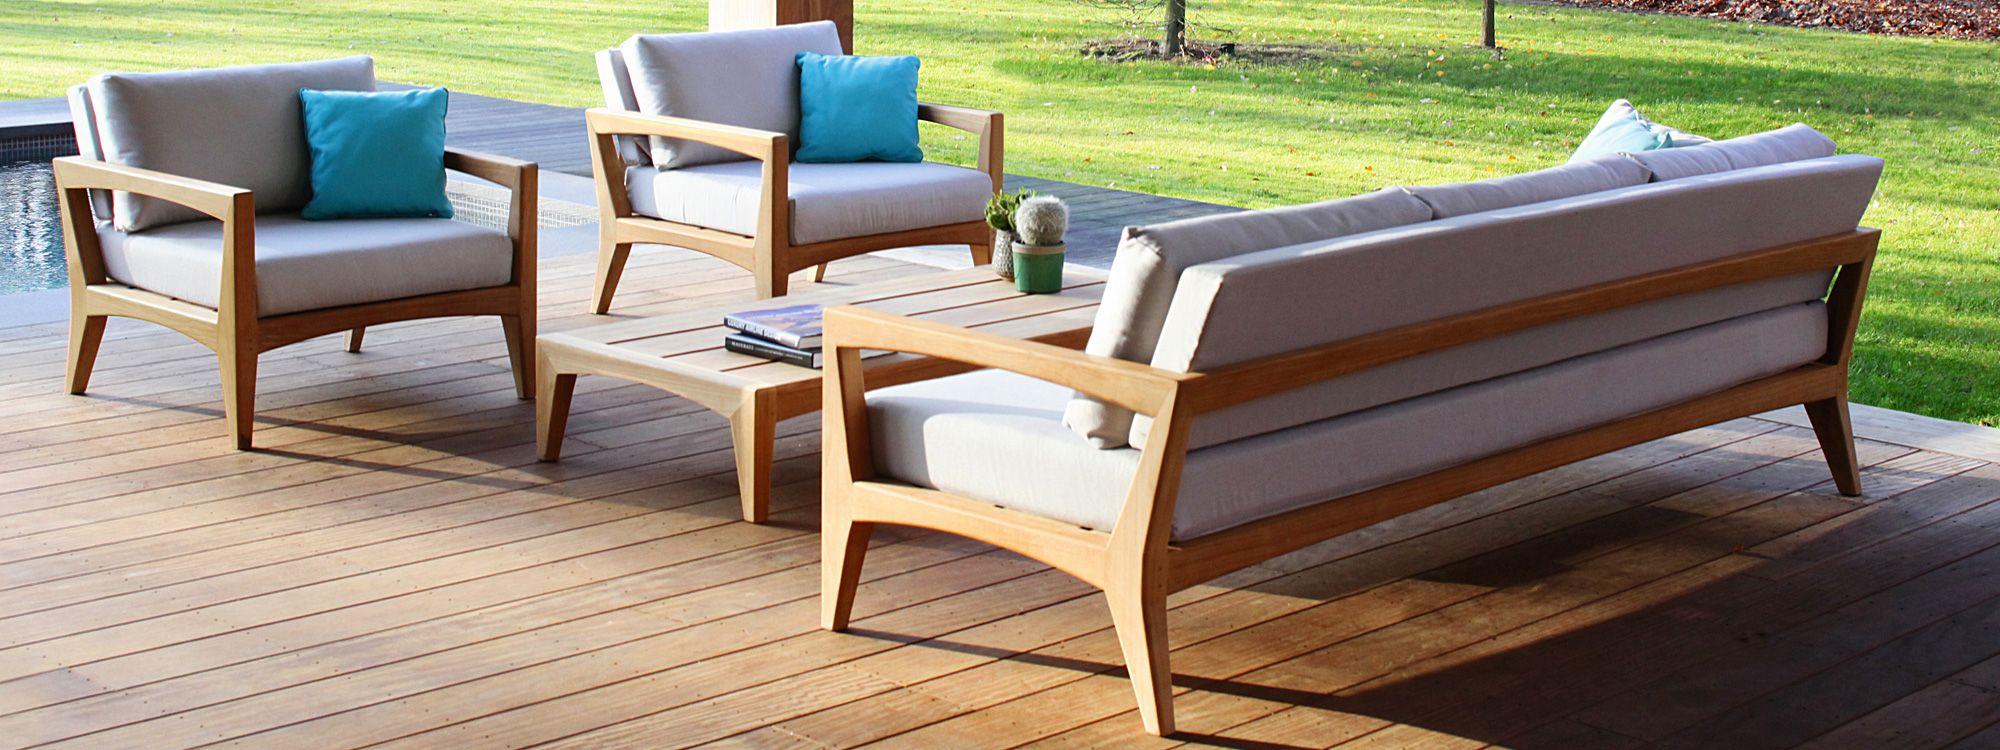 Royal Botania Zenhit Teak Garden Sofa Modern Teak Furniture Outdoor Furniture Outdoor Lounge Outdoor Furniture Sets